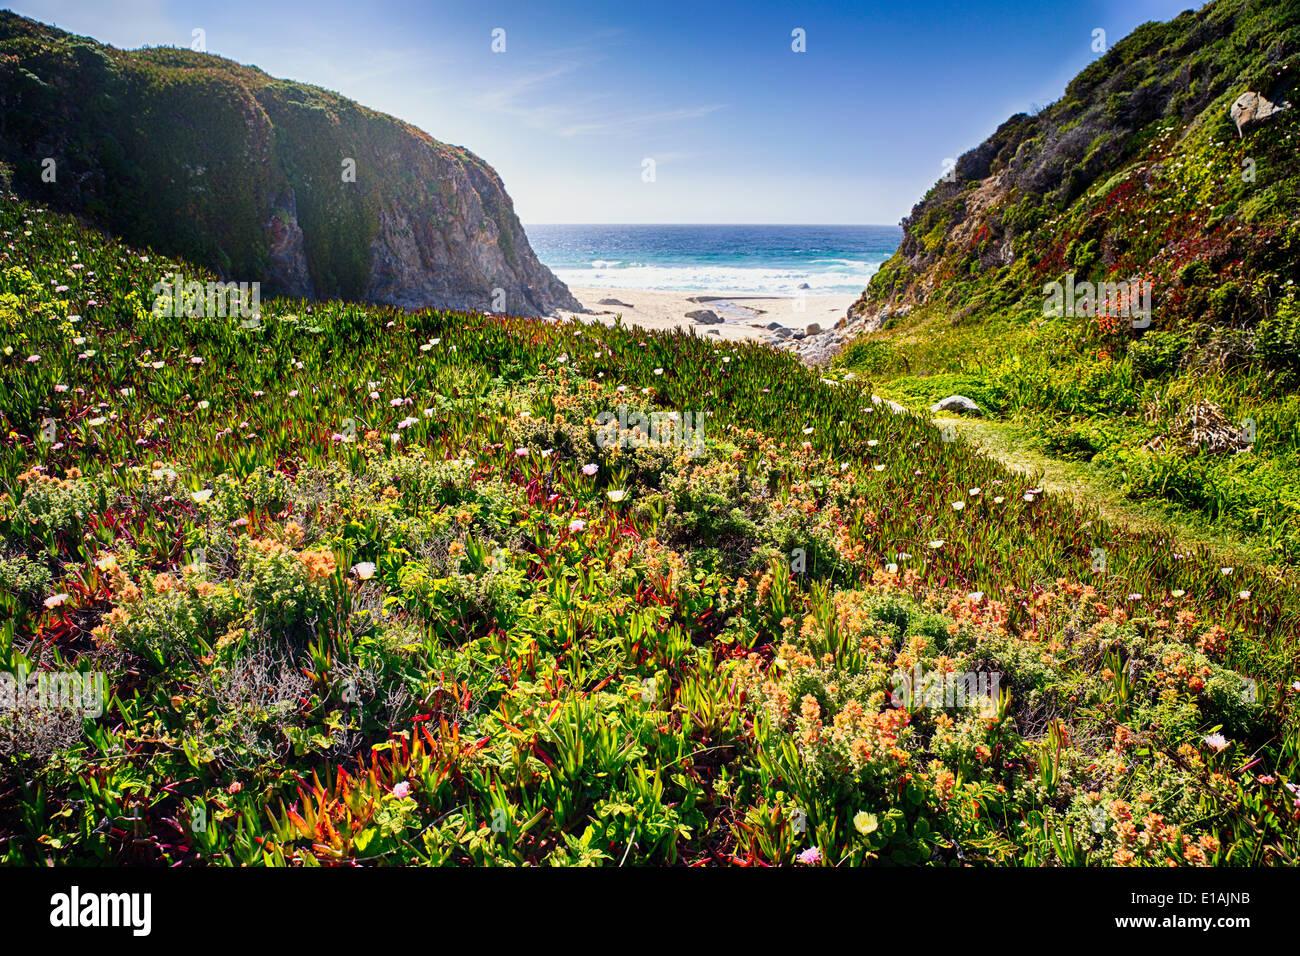 LowAngle View prairie avec des fleurs sauvages en fleurs, Graapate State Park, Big Sur, Californie Photo Stock